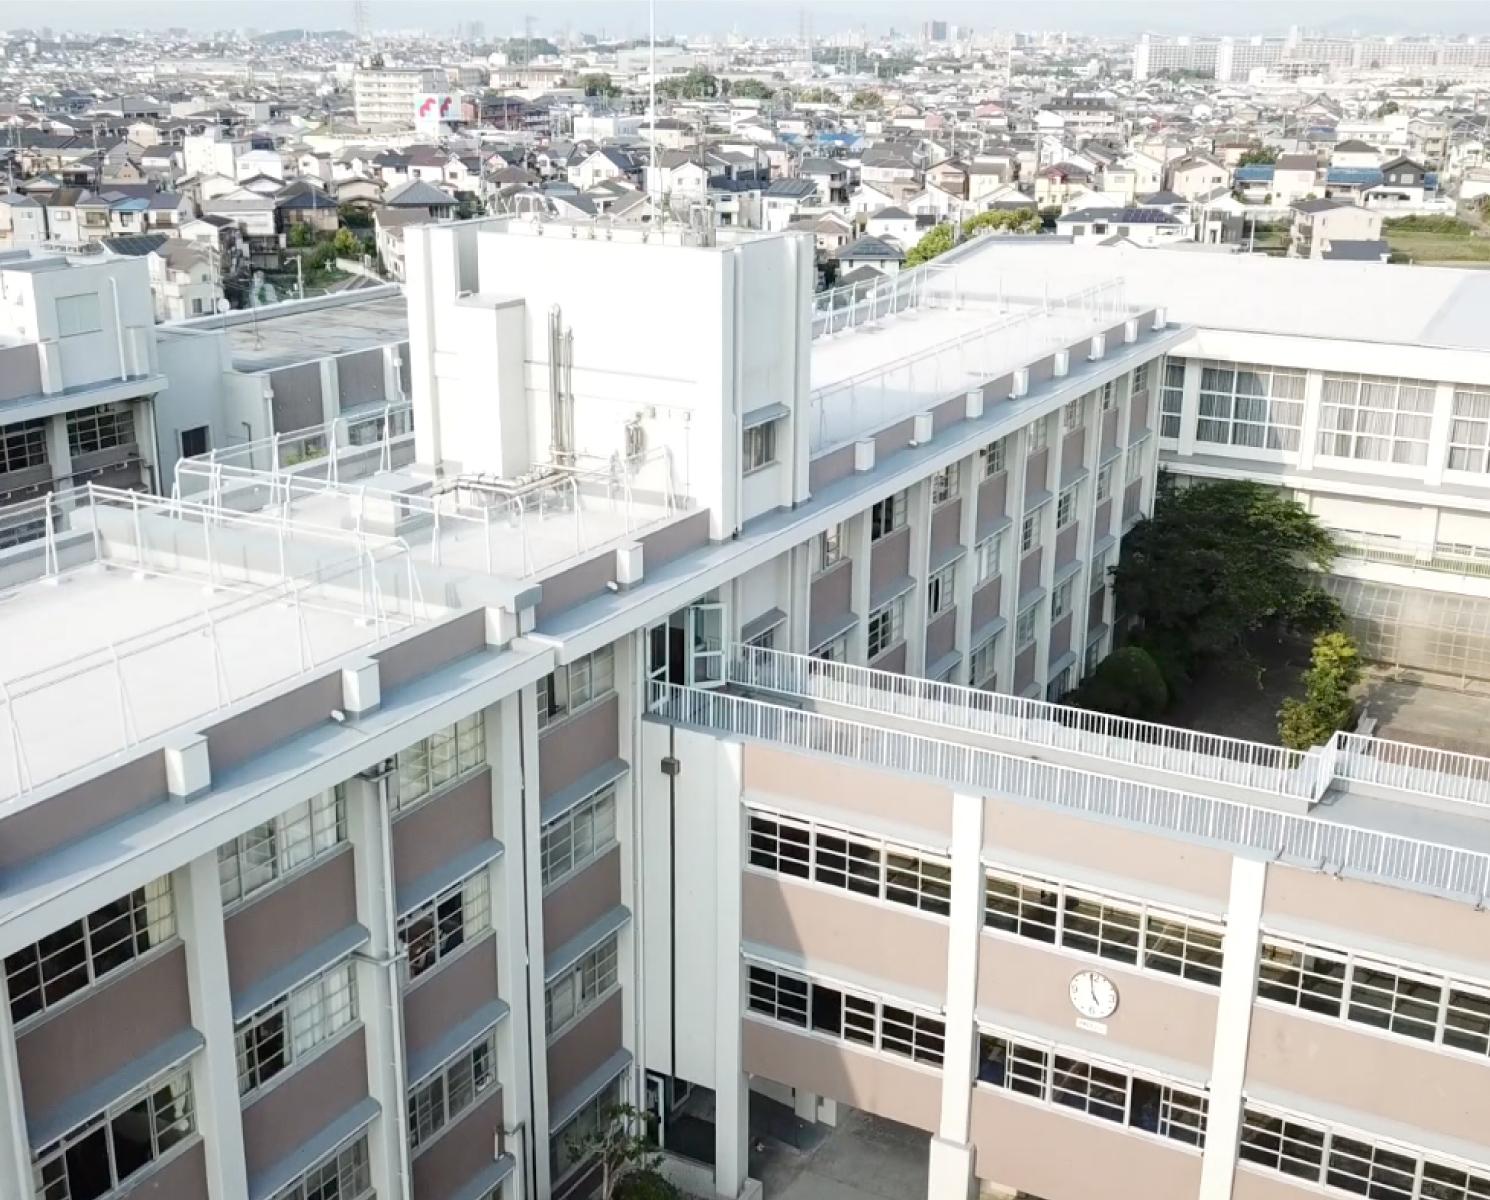 大阪府立鳳高等学校 | 単位制授業・広いグラウンドで部活も活発な大阪 ...